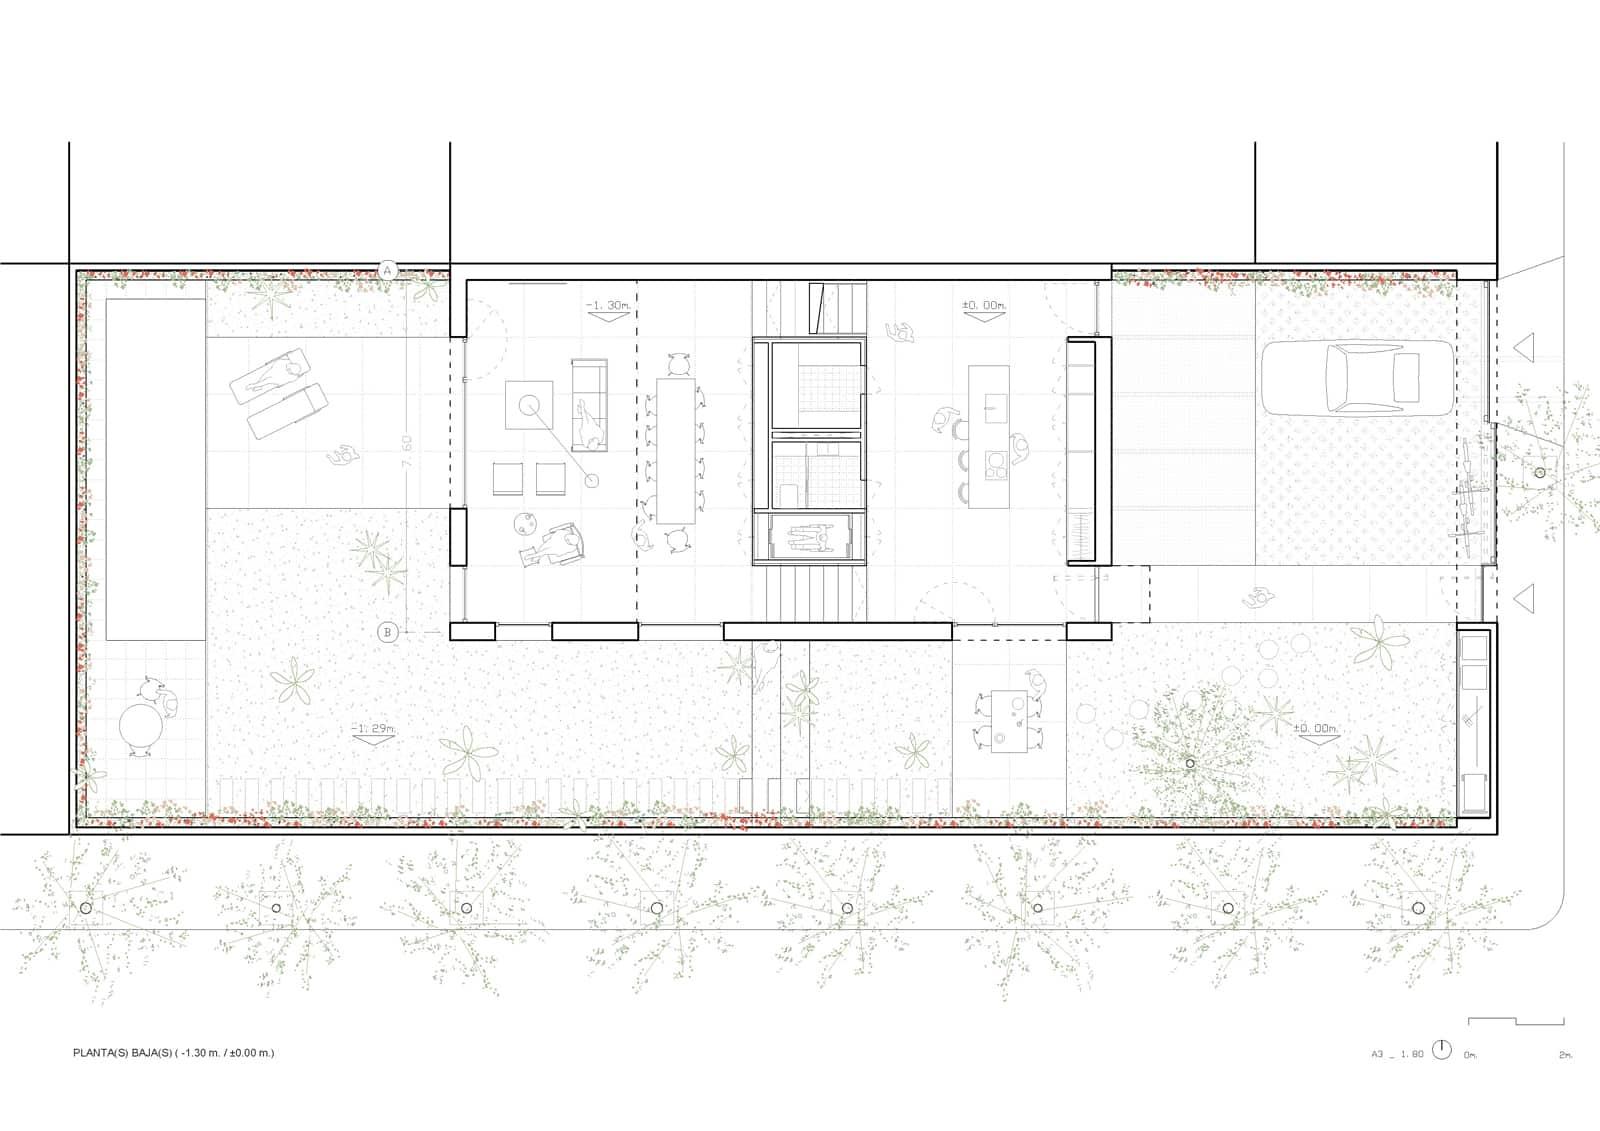 Woodcase House  - 20210907 AyllonParadelaDeAndres Woodcase 12.2 60